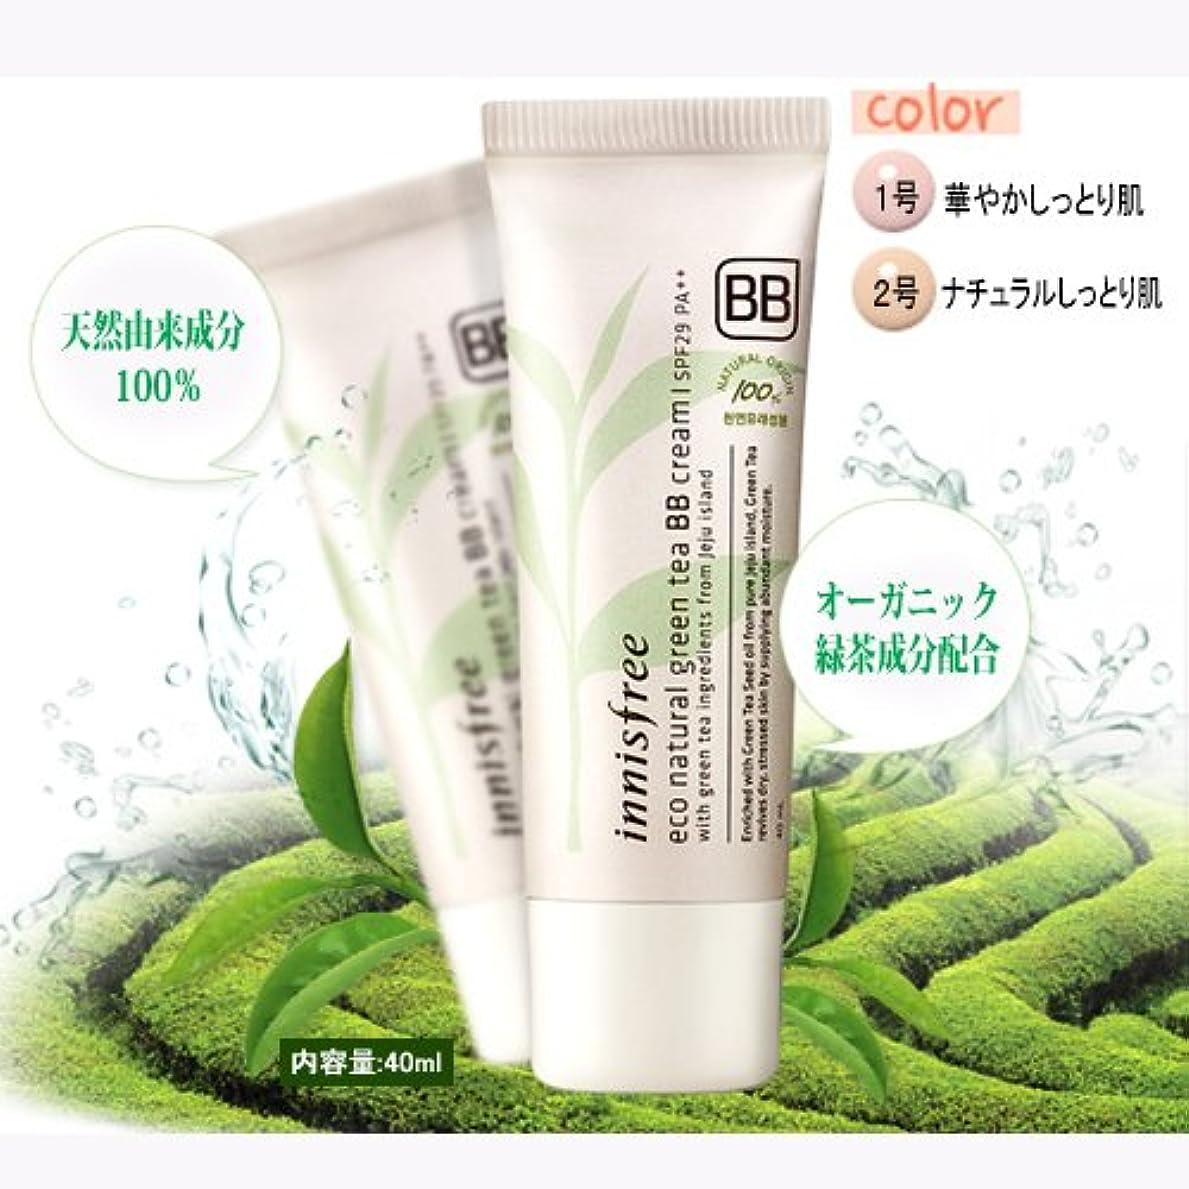 カカドゥ花瓶お酒innisfree/イニスフリー Eco Natural Green Tea BB Cream #02/エコナチュラルグリーンティーBBクリームナチュラルなしっとりお肌 SPF29PA++40ml